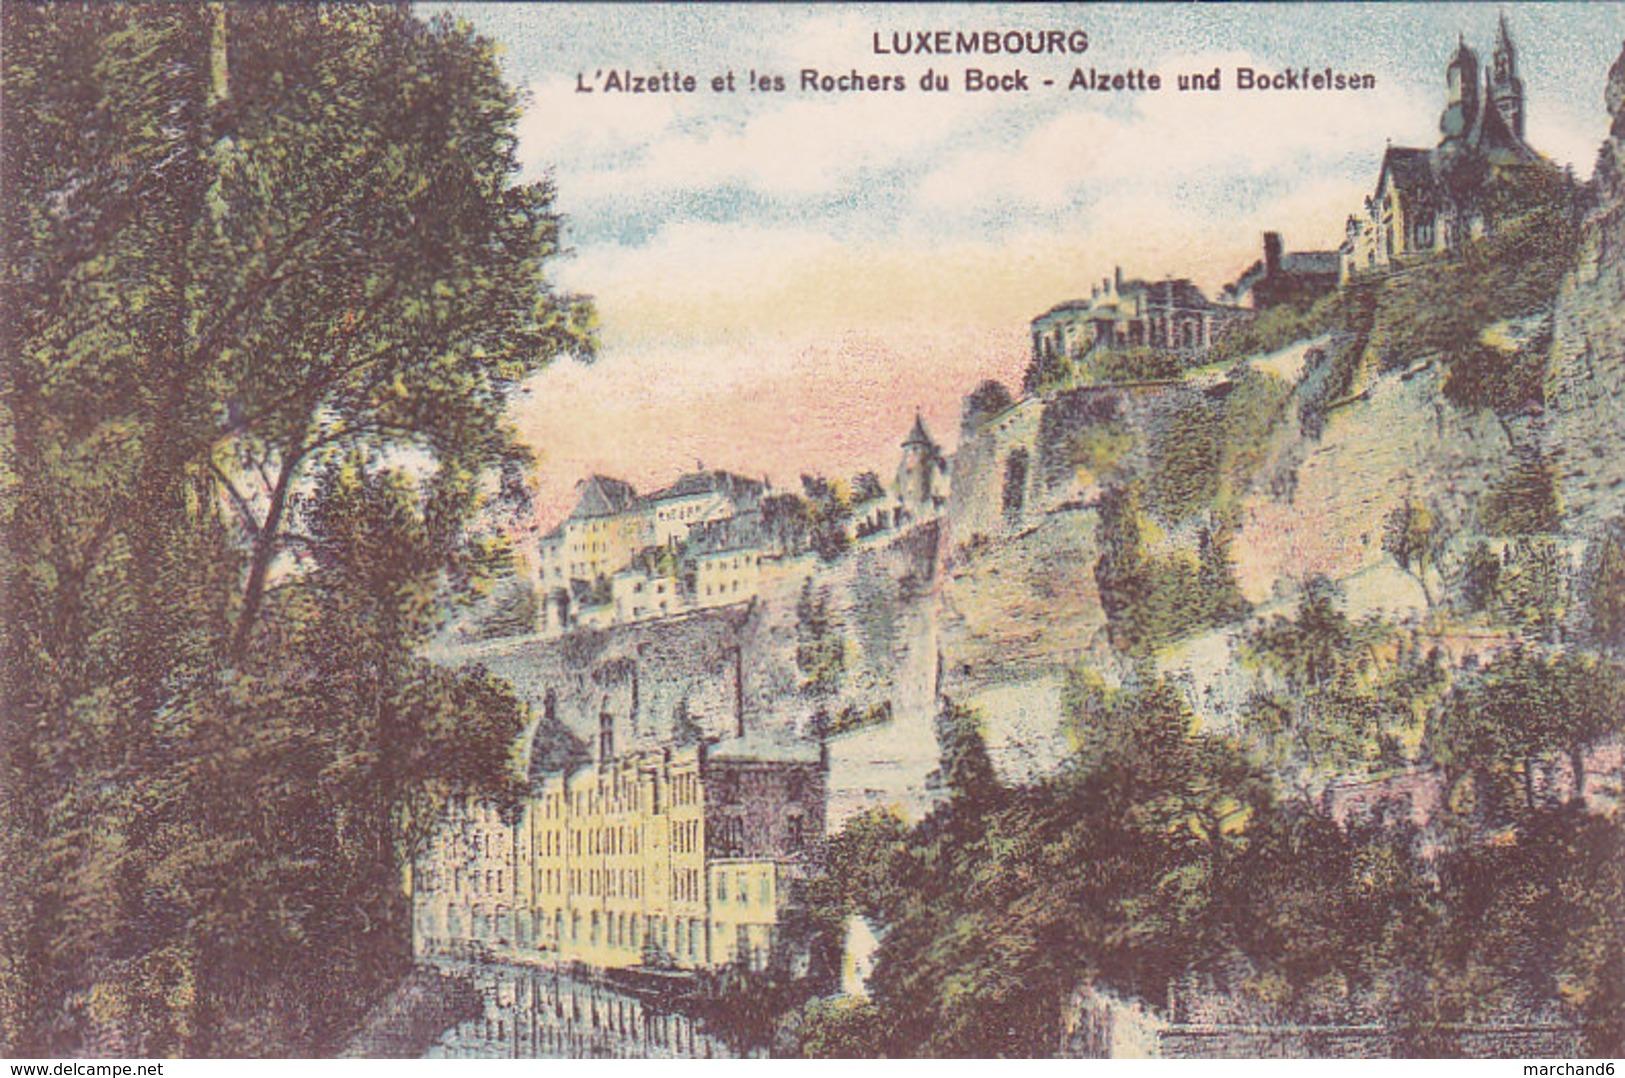 Luxembourg L Alzette Et Les Rochers Du Bock Alzette Und Bockfelsen éditeur Maison De Gros P Houstraas N°4 - Luxembourg - Ville